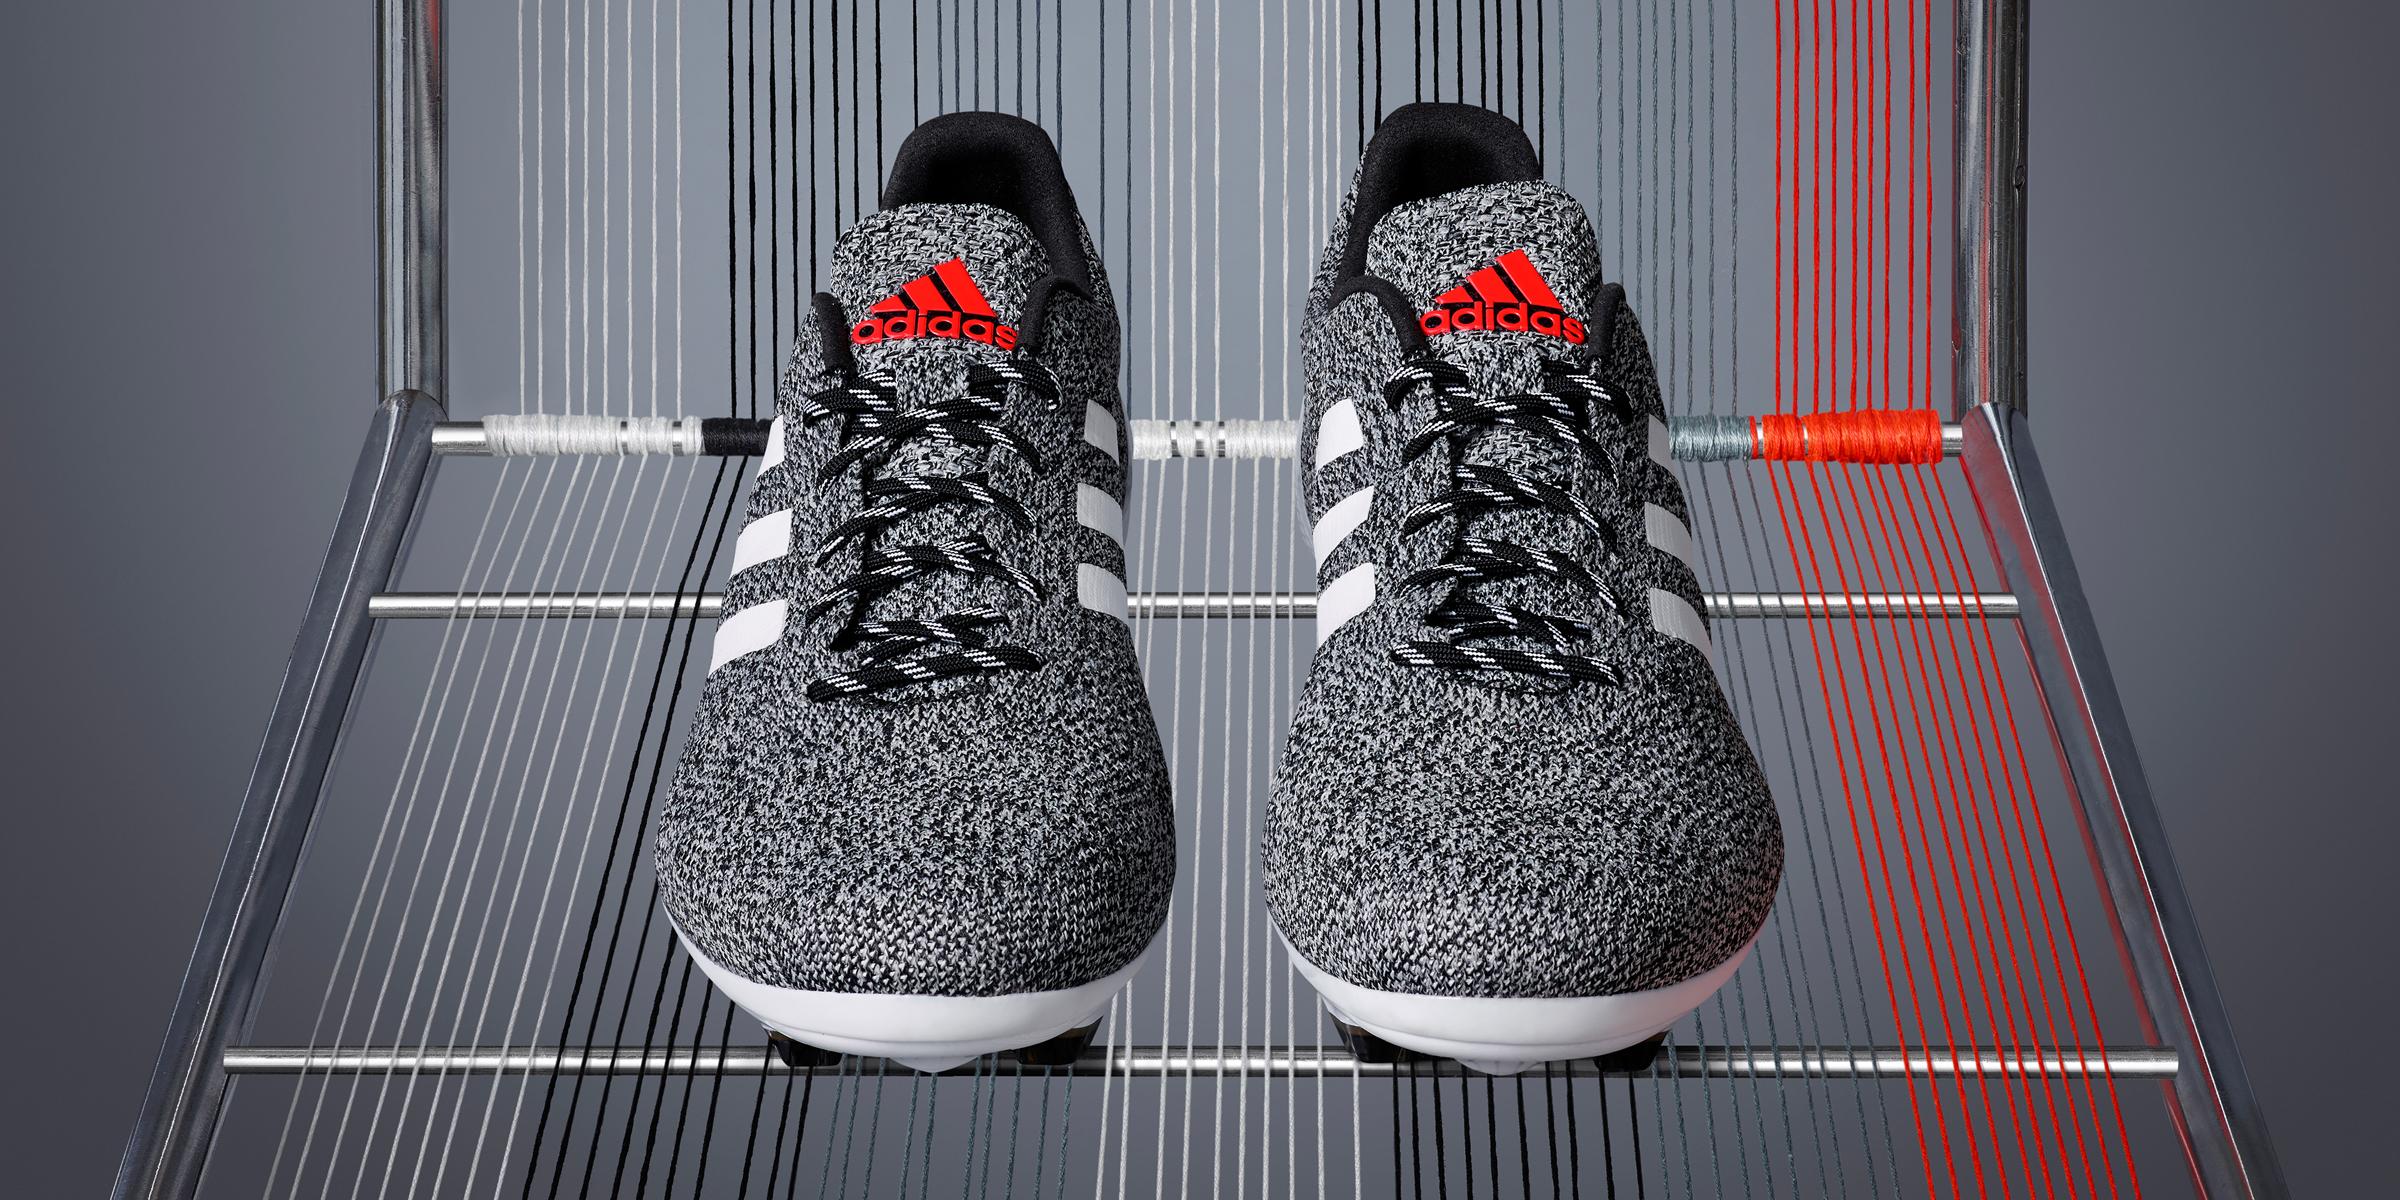 Adidas_Primeknit_PR_Hero_08.jpg